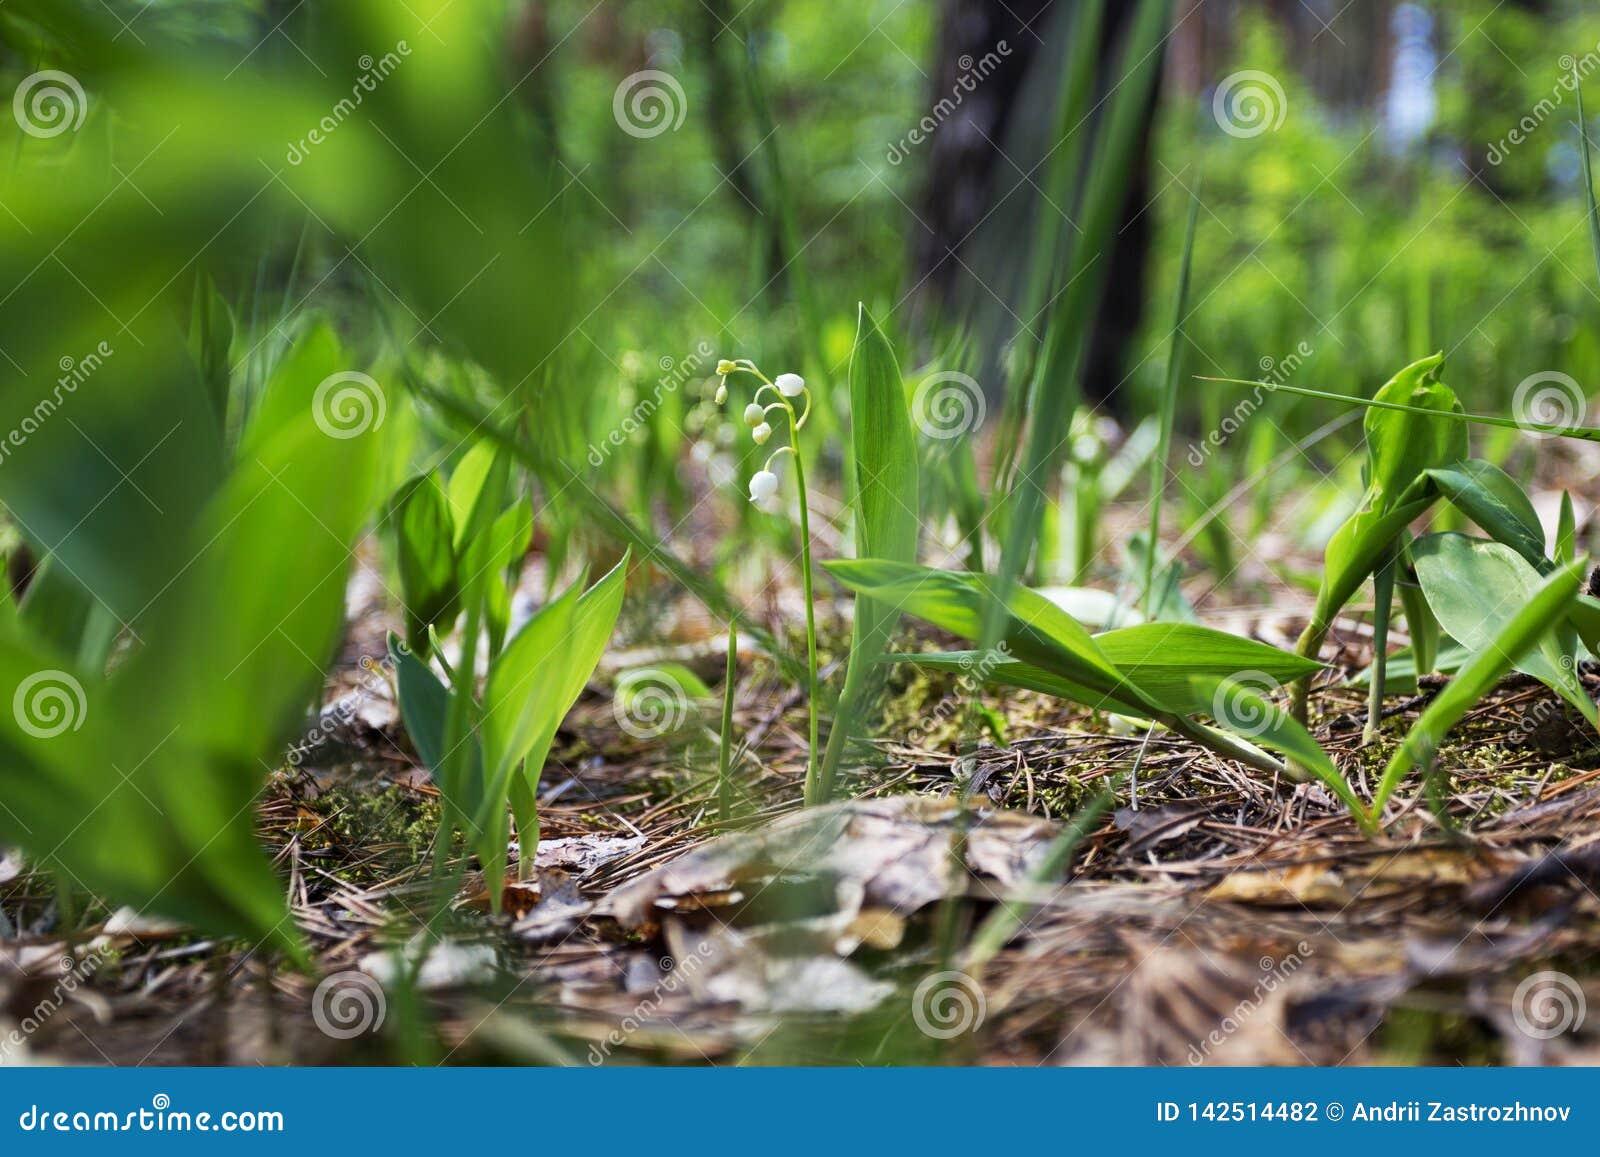 Lírios selvagens na floresta